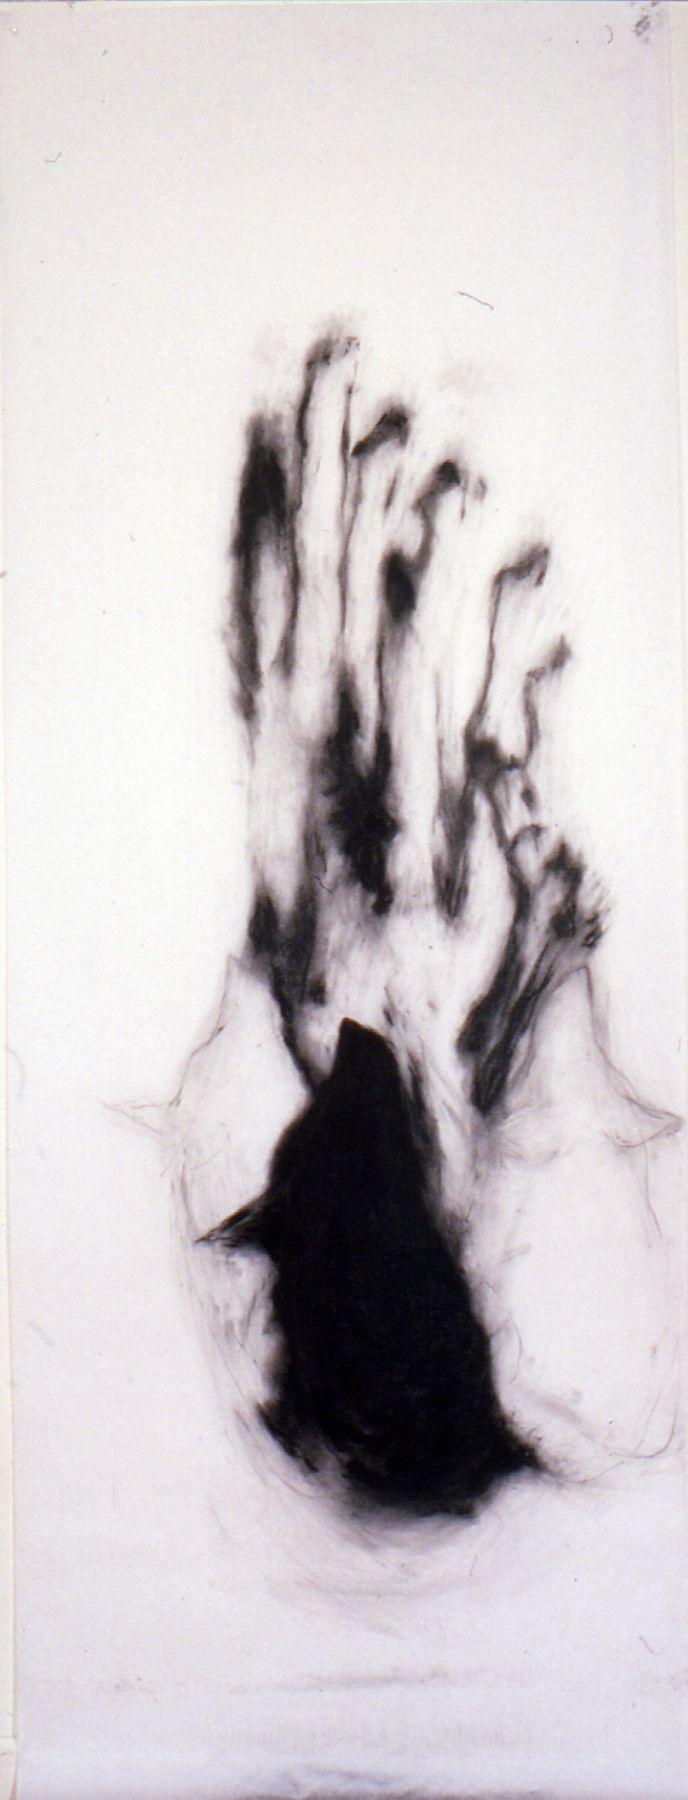 Come a Little Closer, #9, Sondra Meszaros, 2002